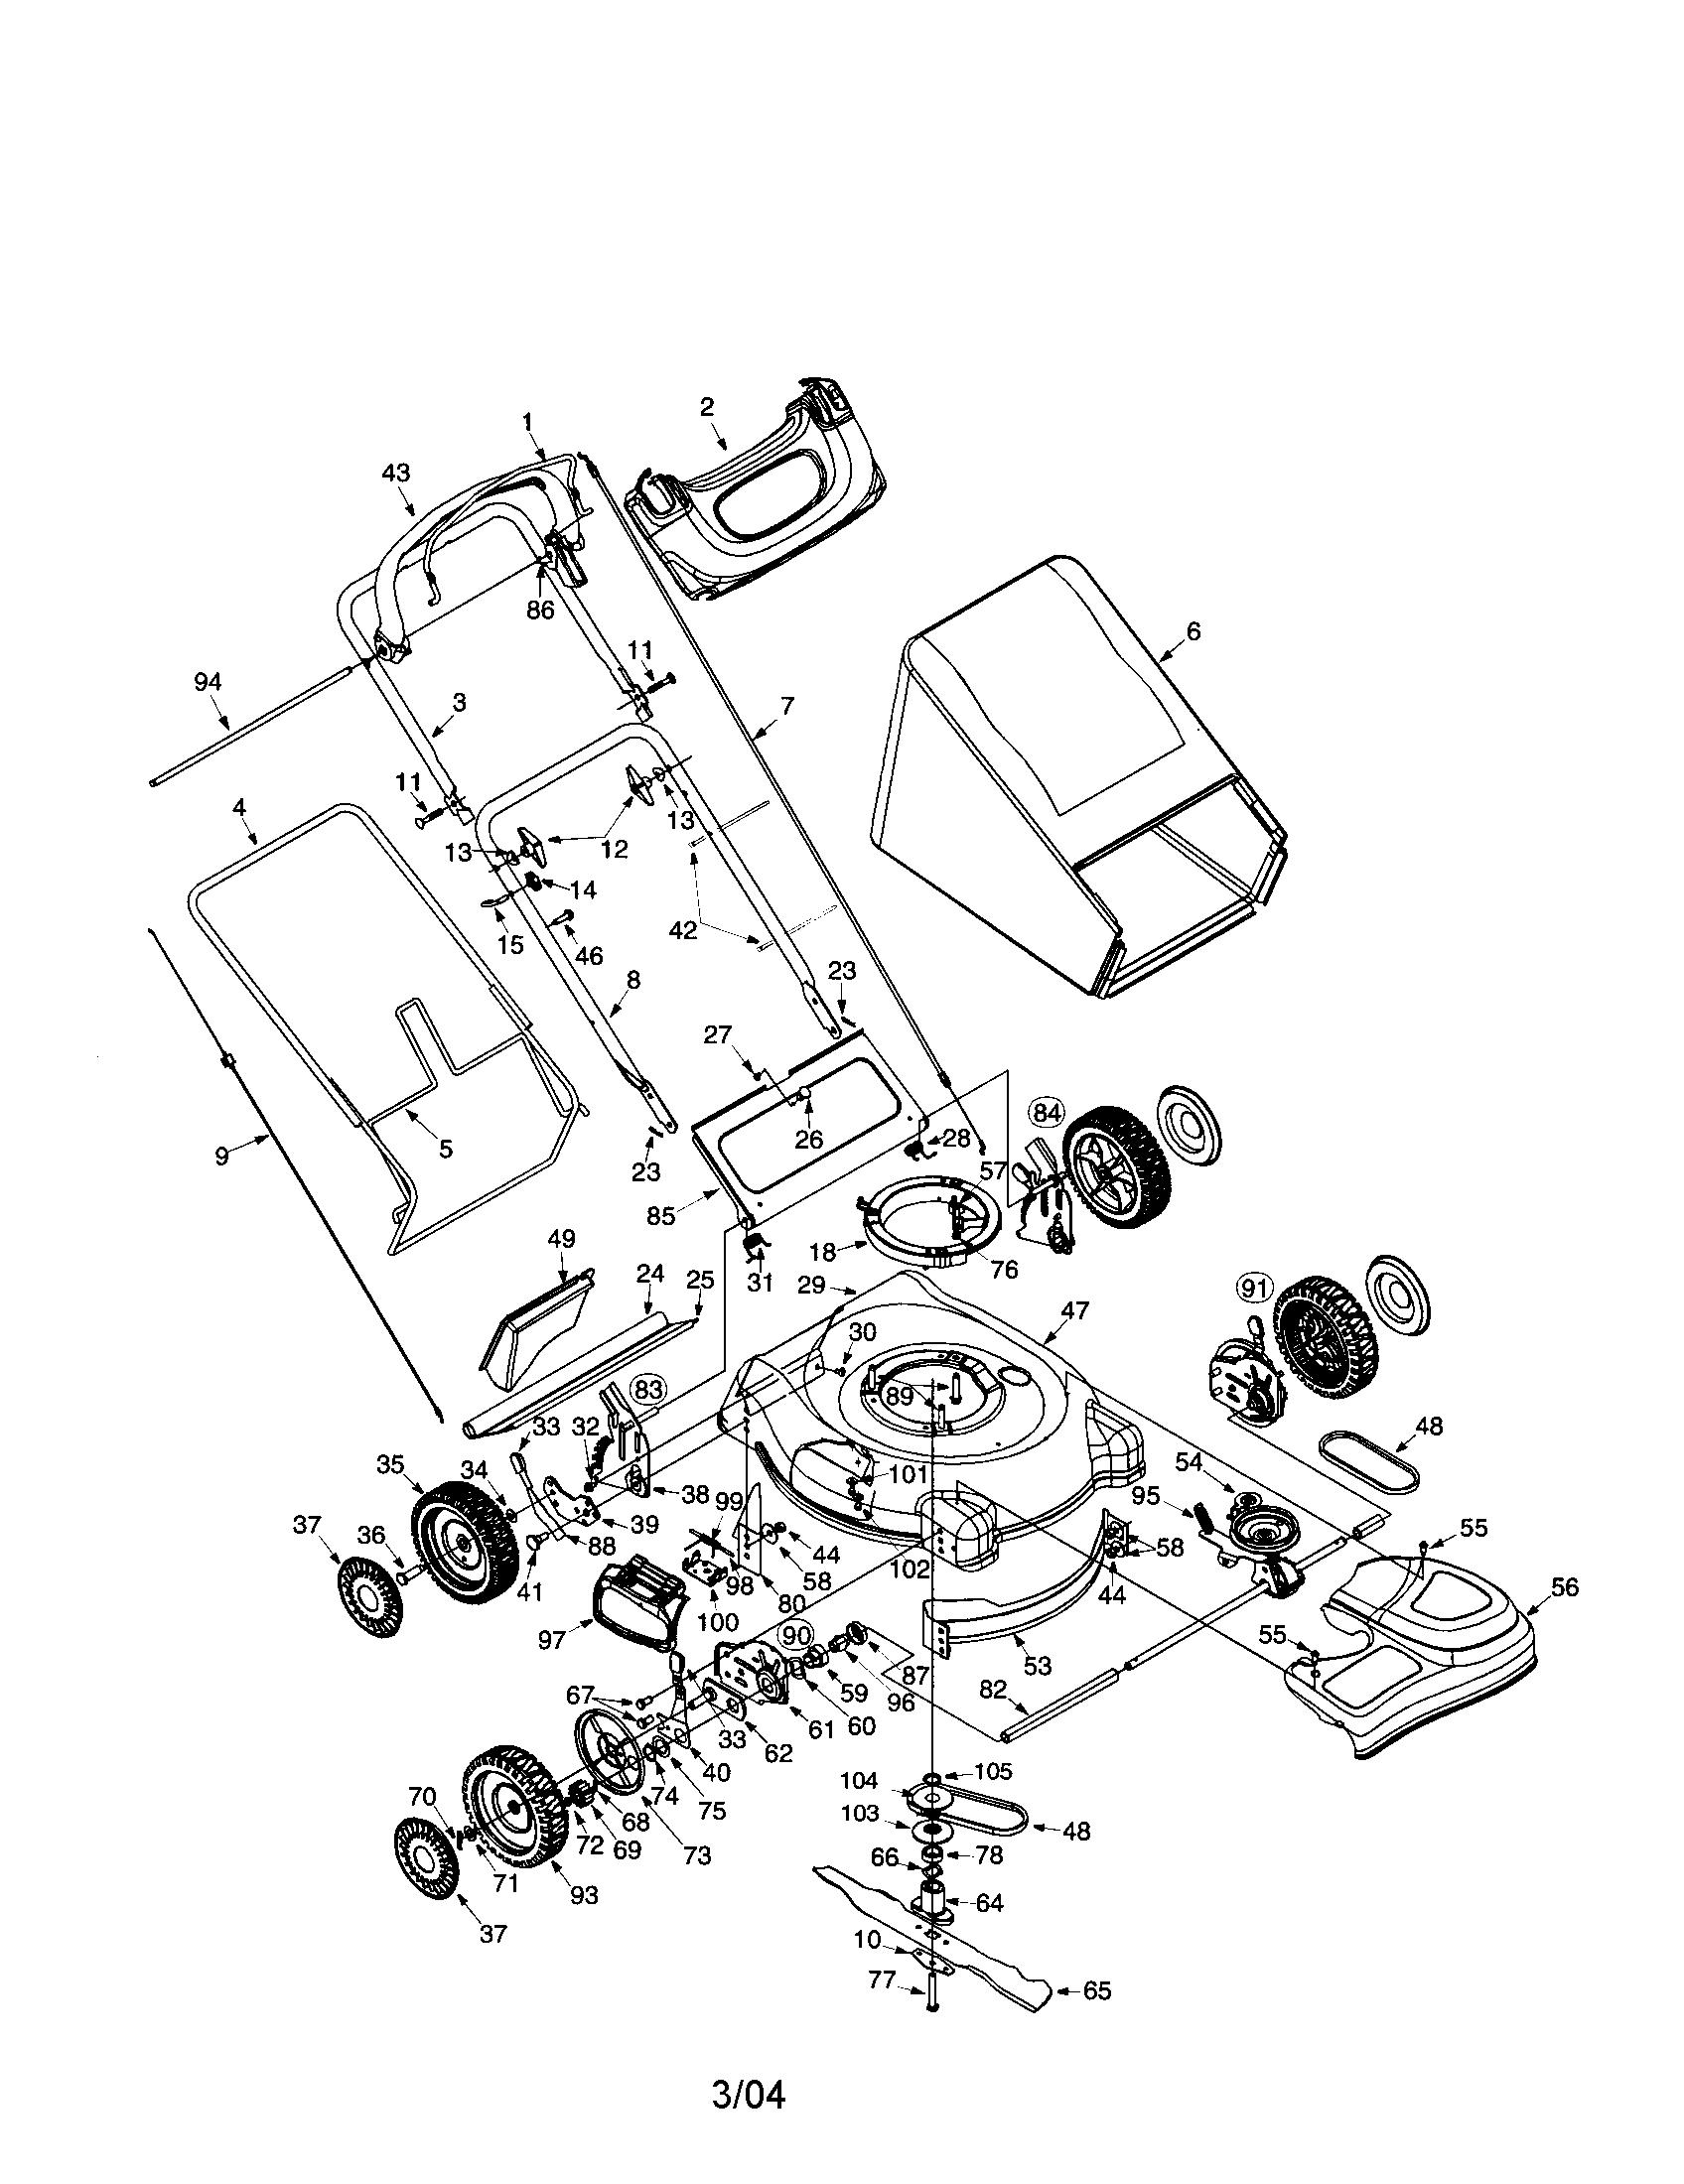 Honda gx610 wiring schematic dayton split phase motor wiring diagram